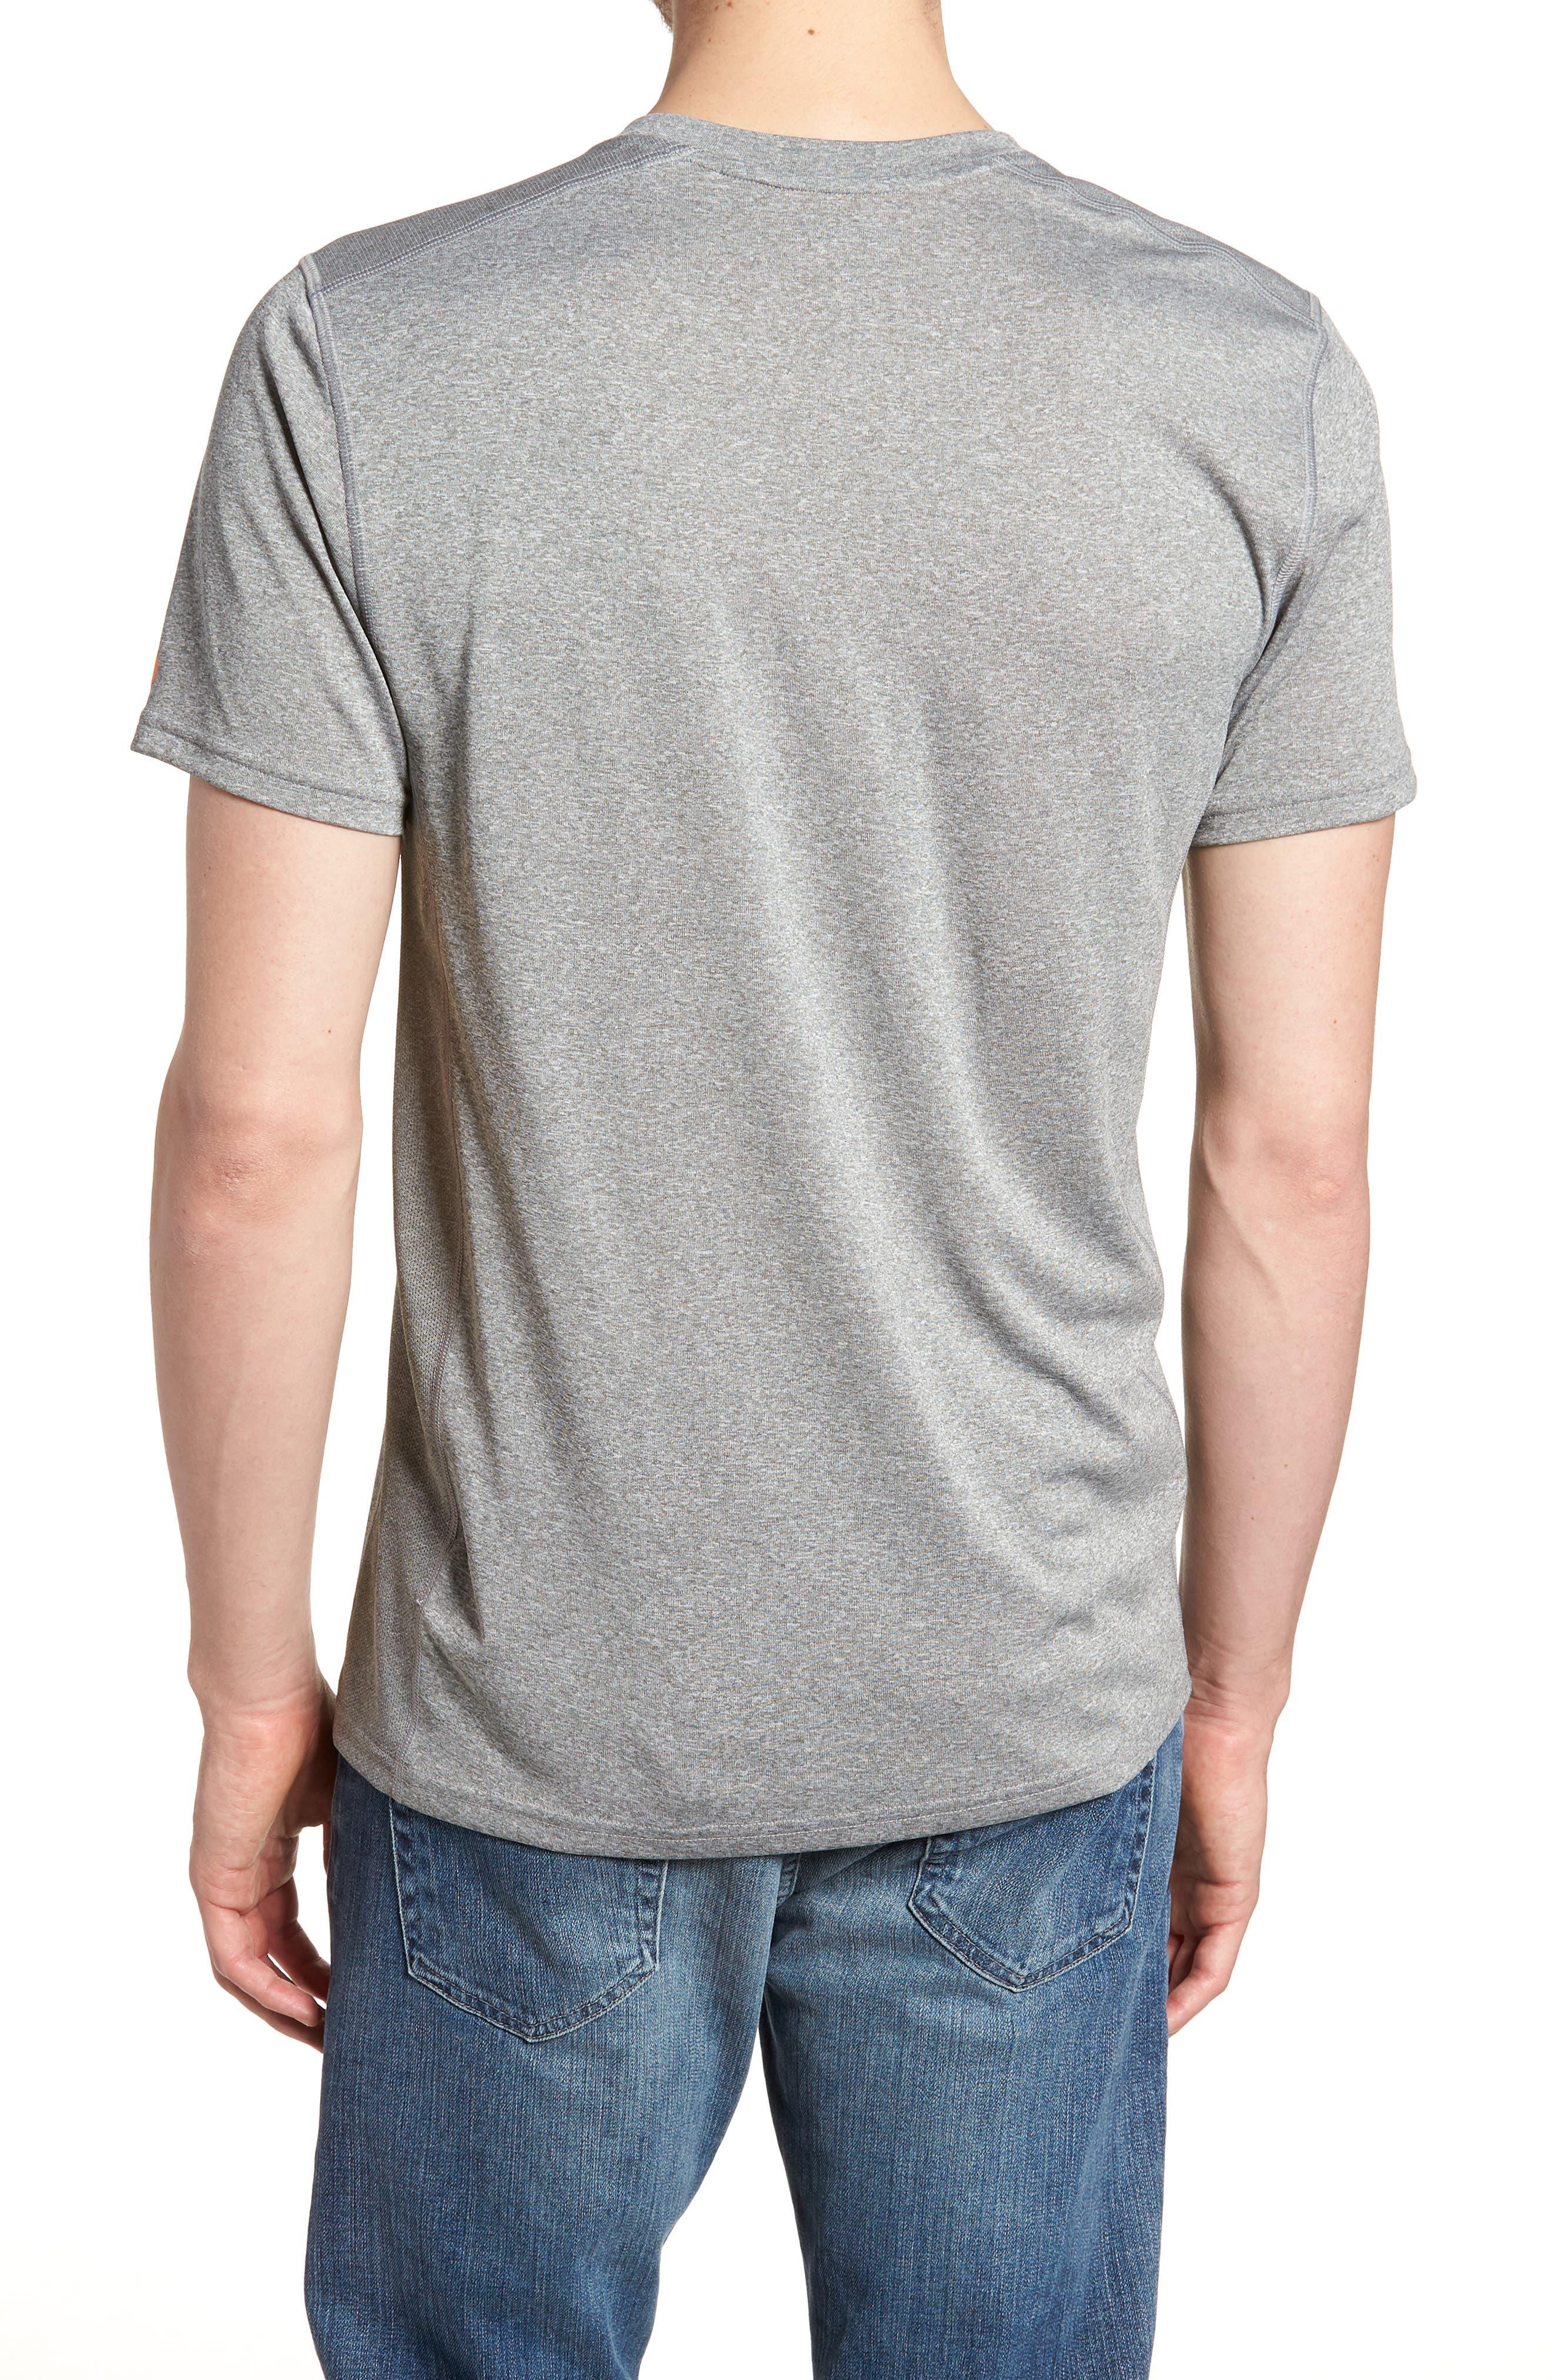 Goodsport Mesh Panel T-Shirt,                             Alternate thumbnail 9, color,